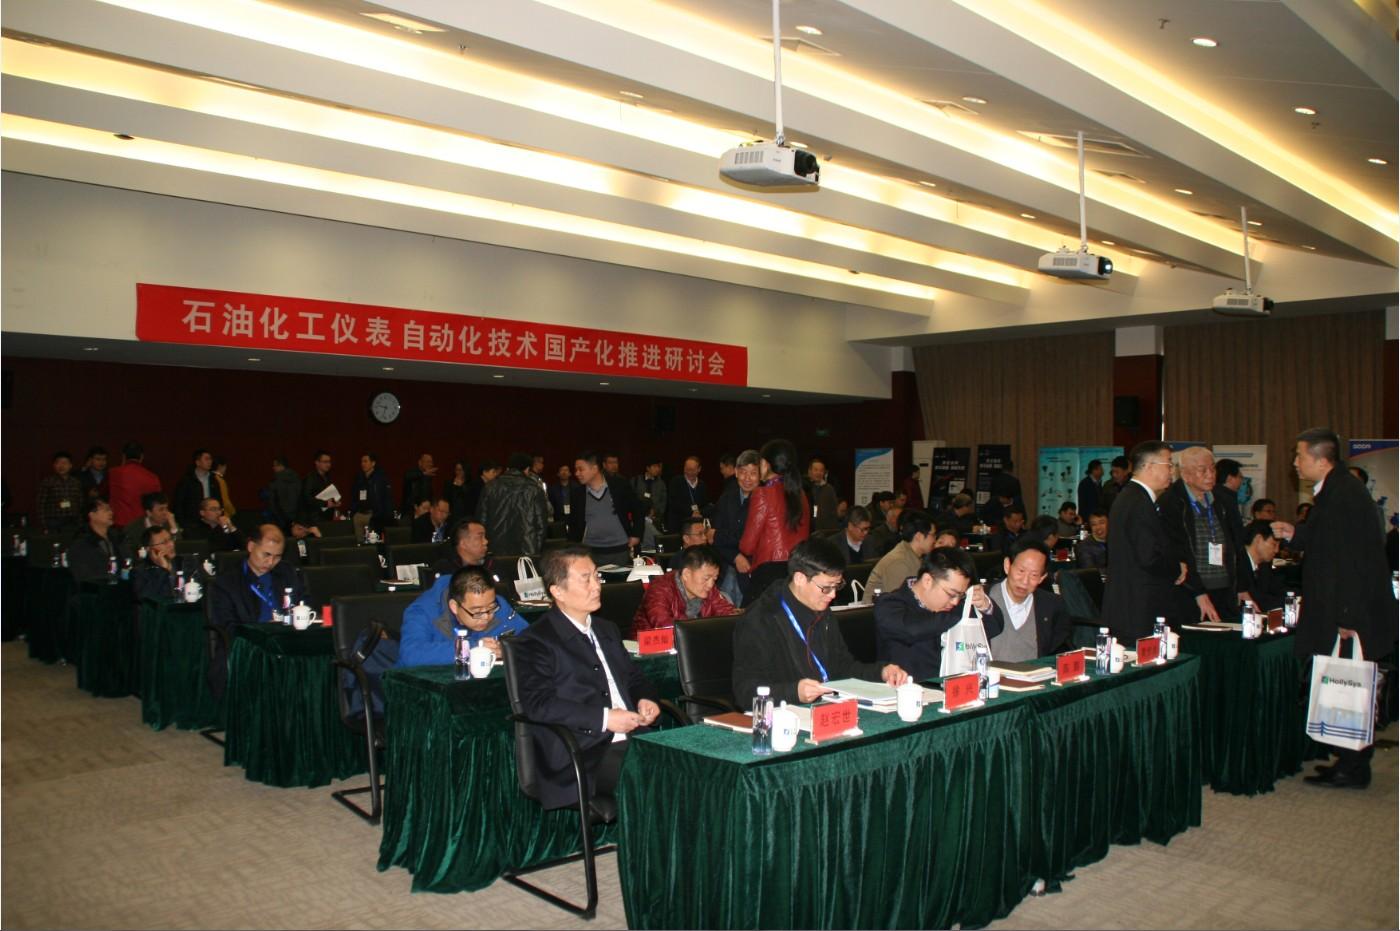 石油化工仪表自动化技术国产化推进研讨会顺利召开